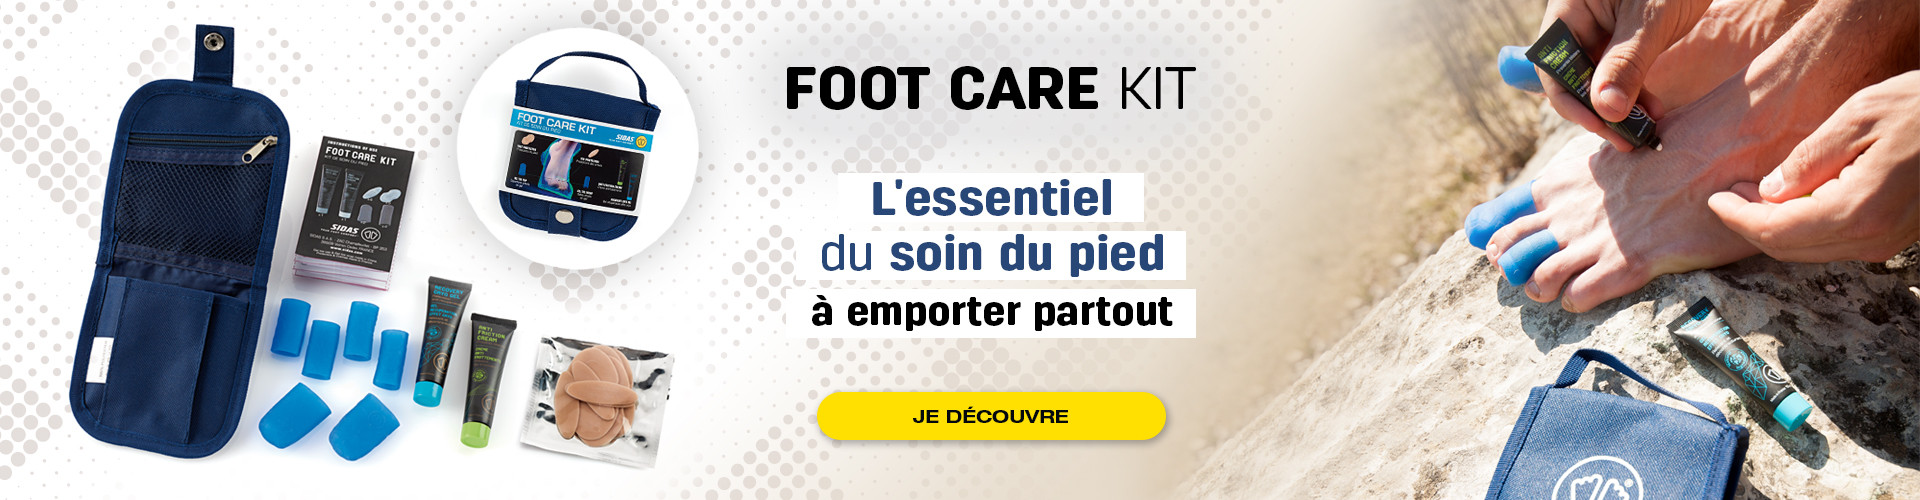 L'essentiel du soin du pied est dans le footcare kit, à emporter partout avec vous pour vos activités sportives